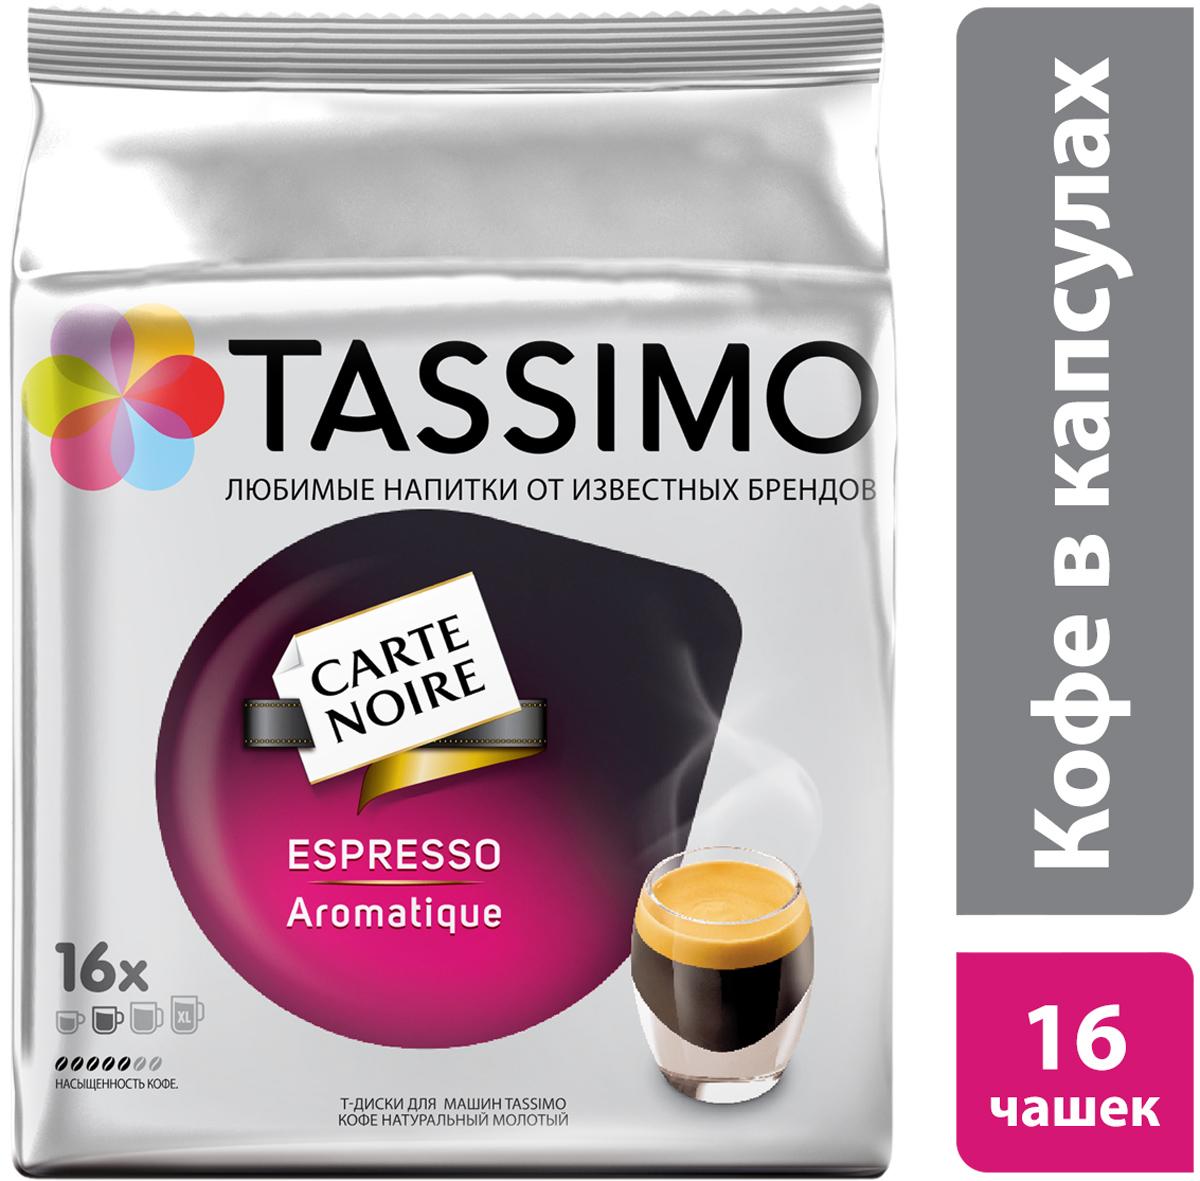 Tassimo Carte Noire Espresso Aromatique кофе в капсулах, 16 шт растворимый кофе carte noire купить